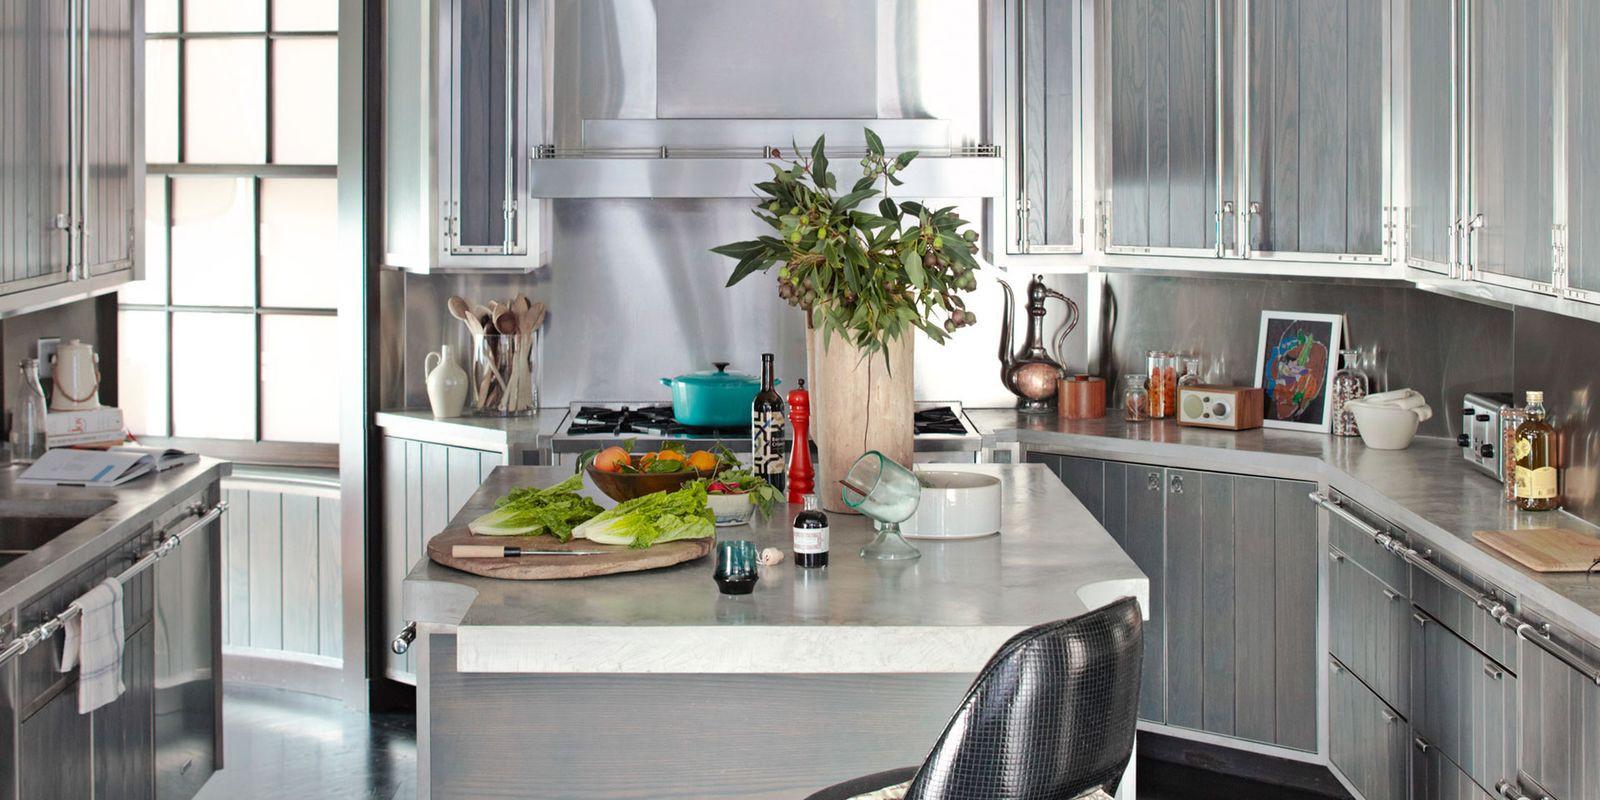 Best ideas about Unique Kitchen Ideas . Save or Pin Creative Kitchens Unique Kitchen Designs Now.